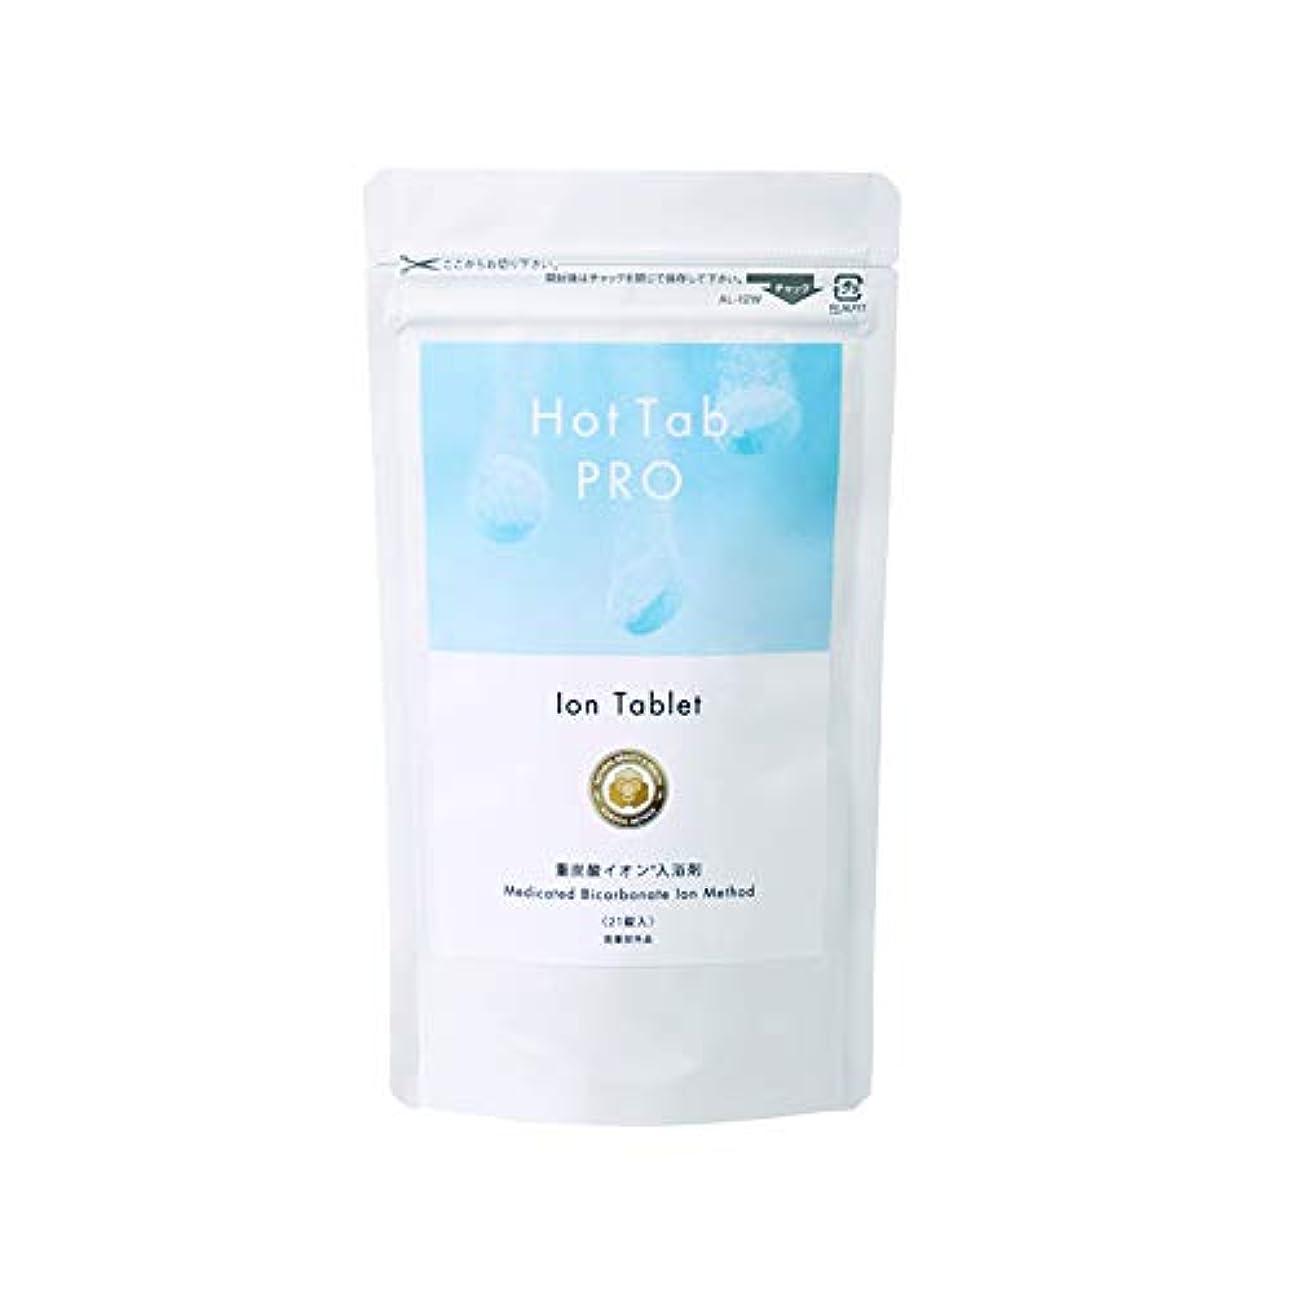 寄稿者日焼け何よりも最新型 日本製なめらか重炭酸入浴剤「ホットタブPro」(デリケートな肌でも安心 無香料 無着色 中性pH) (21錠セット)